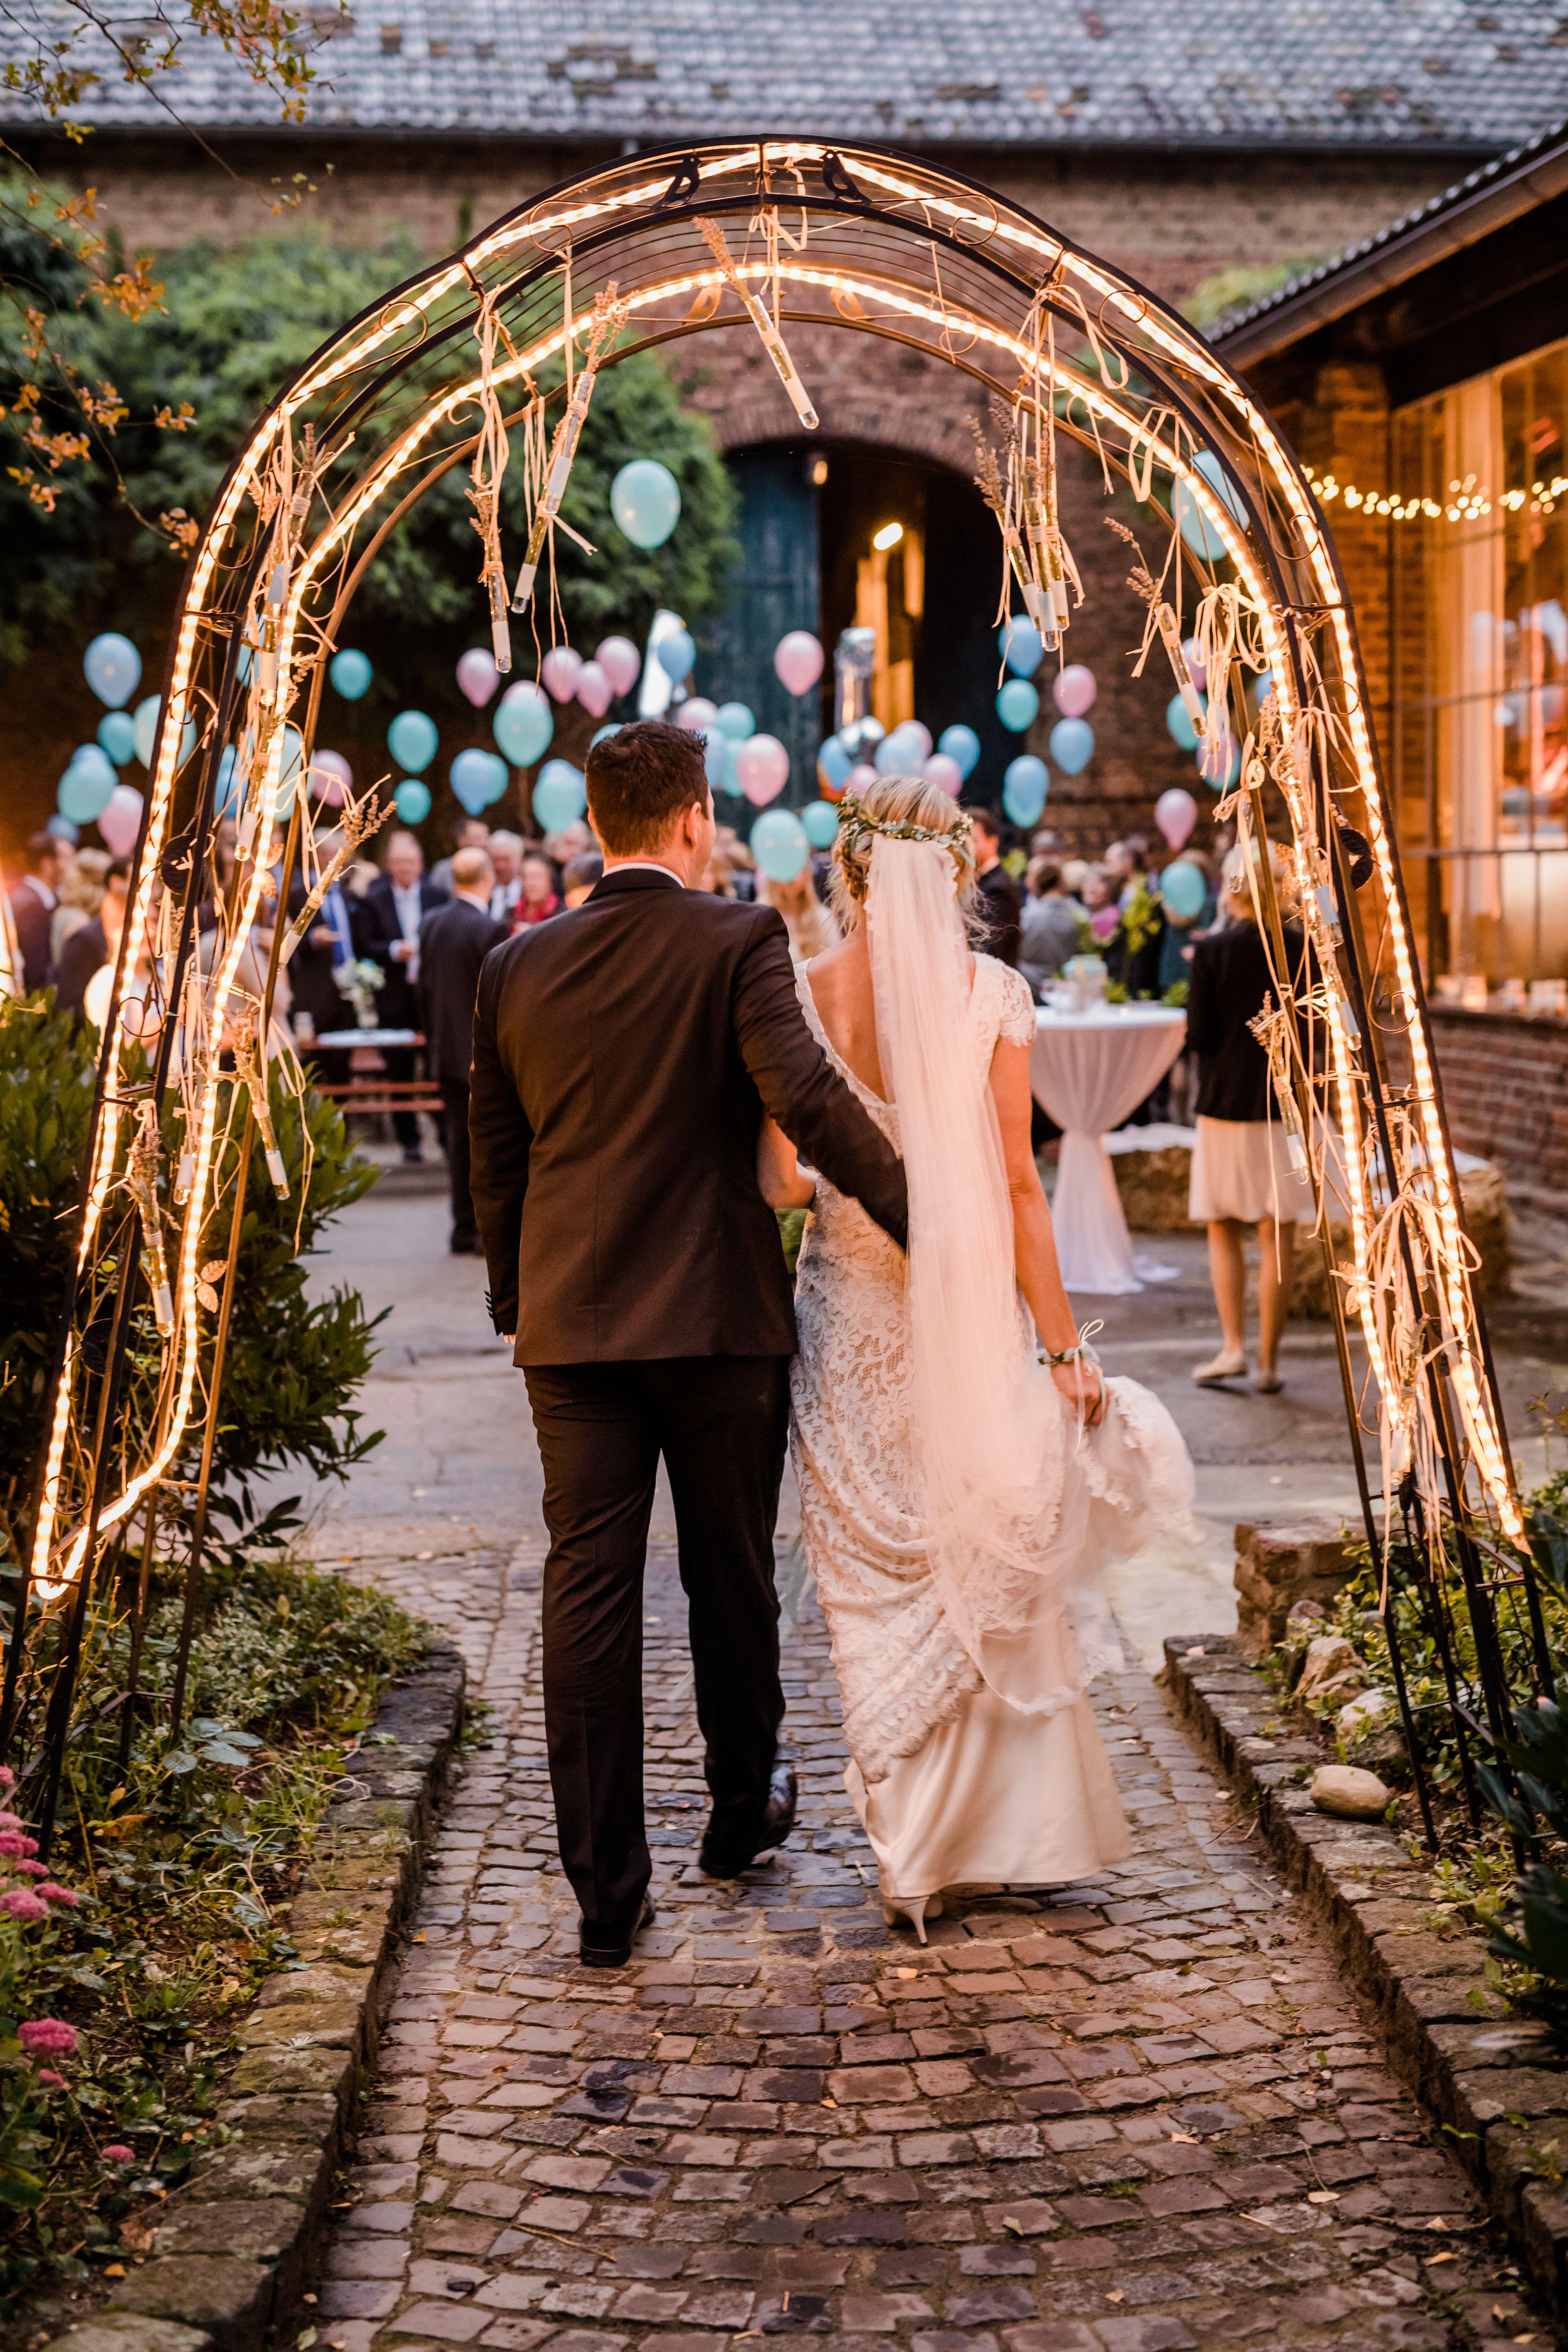 Statt Scheunenhochzeit Vintage Traum Wasserburg Geretzhofen Als Hochzeitslocation Bei Koln Realwedding Scheunenh In 2020 Hochzeit Scheunen Hochzeit Hochzeit Location